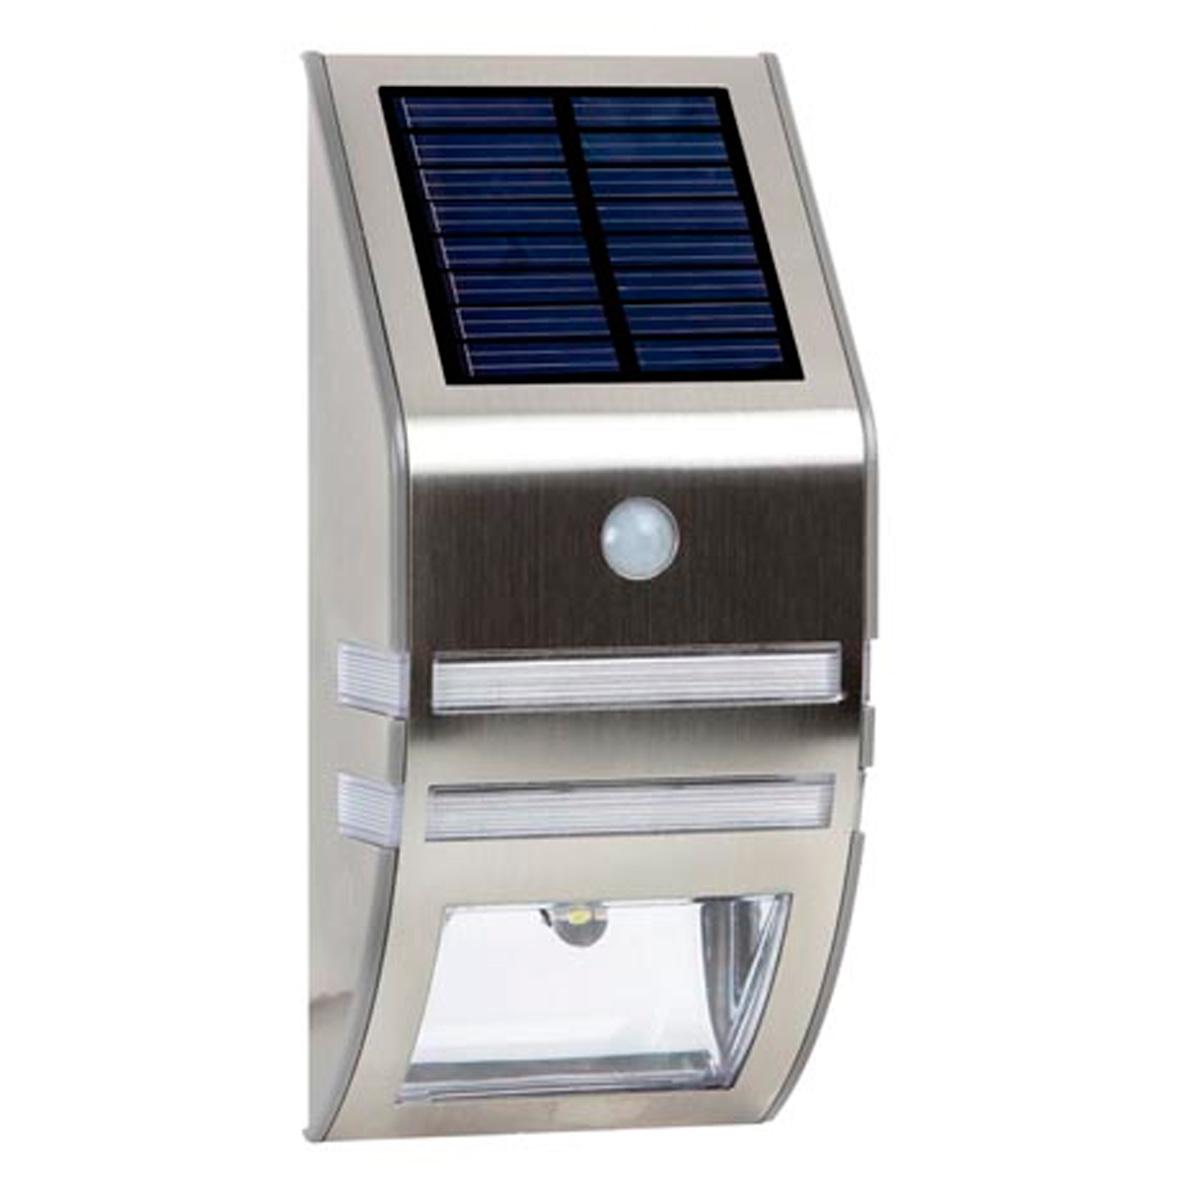 L mpara solar mural para exteriores pir 0 5w acero inoxidable energia solar energia - Lampara solar exterior ...